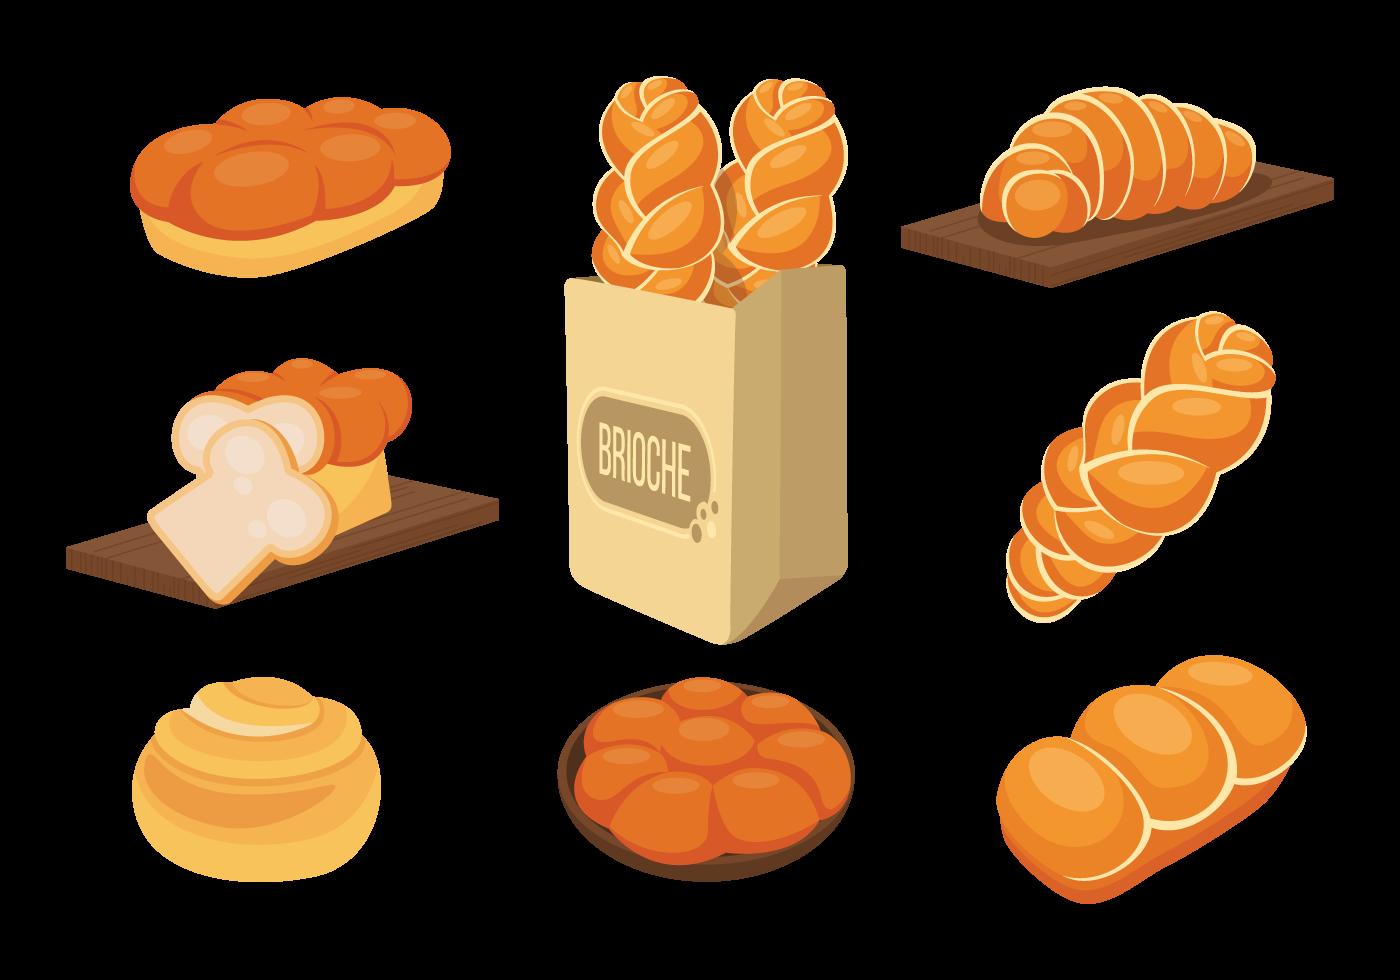 внес картинка векторная графика хлеб и производство дом статусом ижс